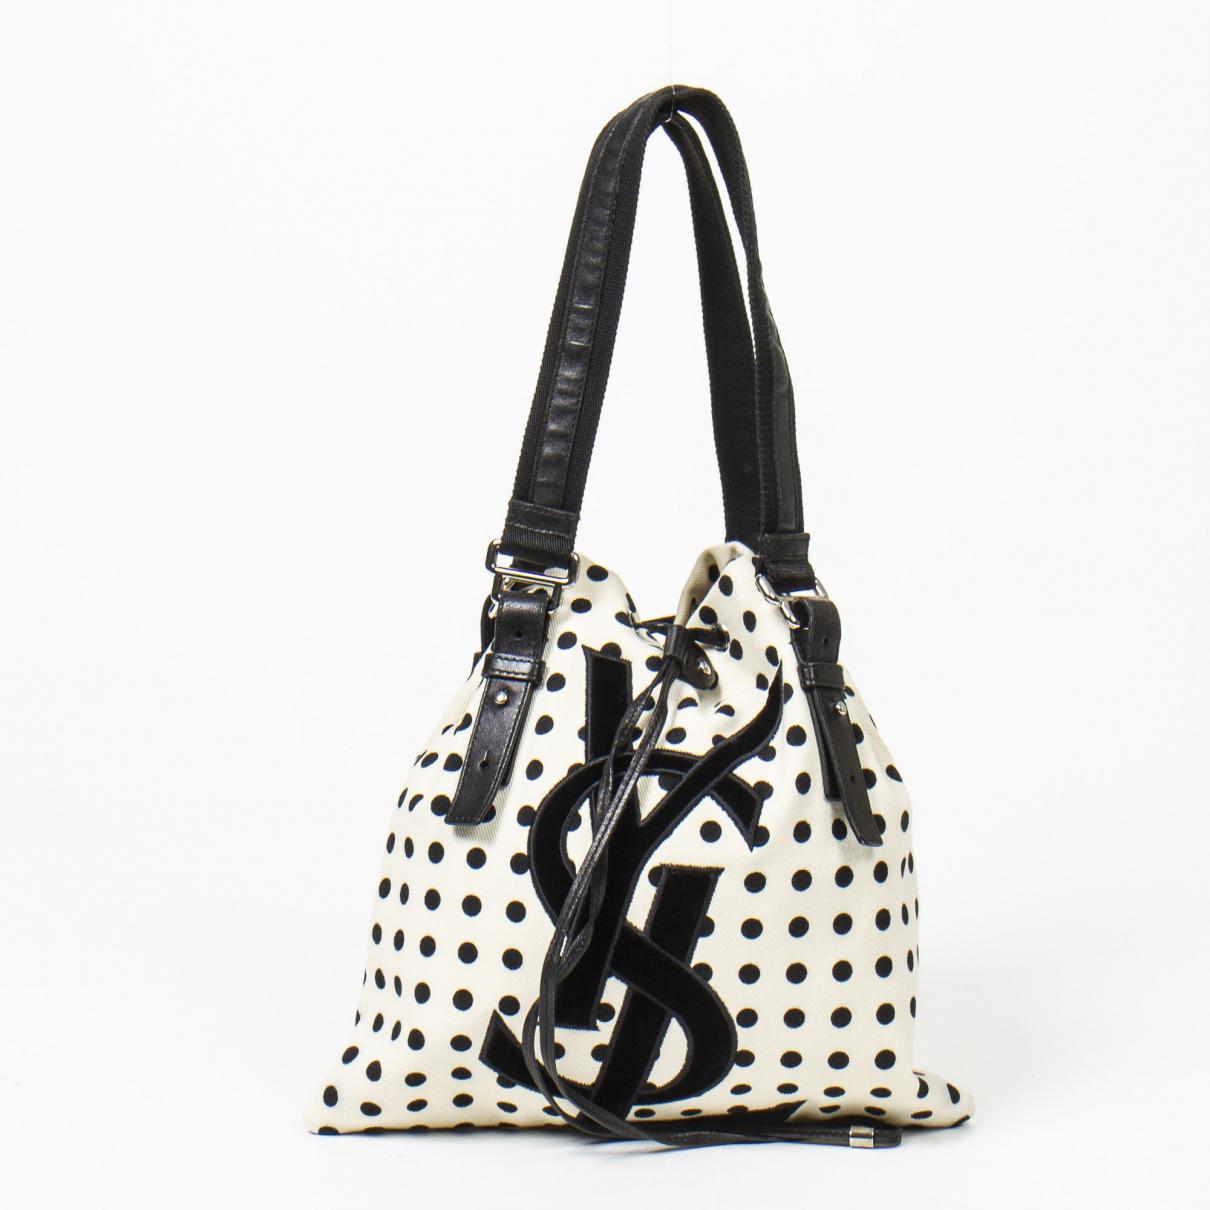 Yves Saint Laurent \N Handtasche in  Bunt Leinen